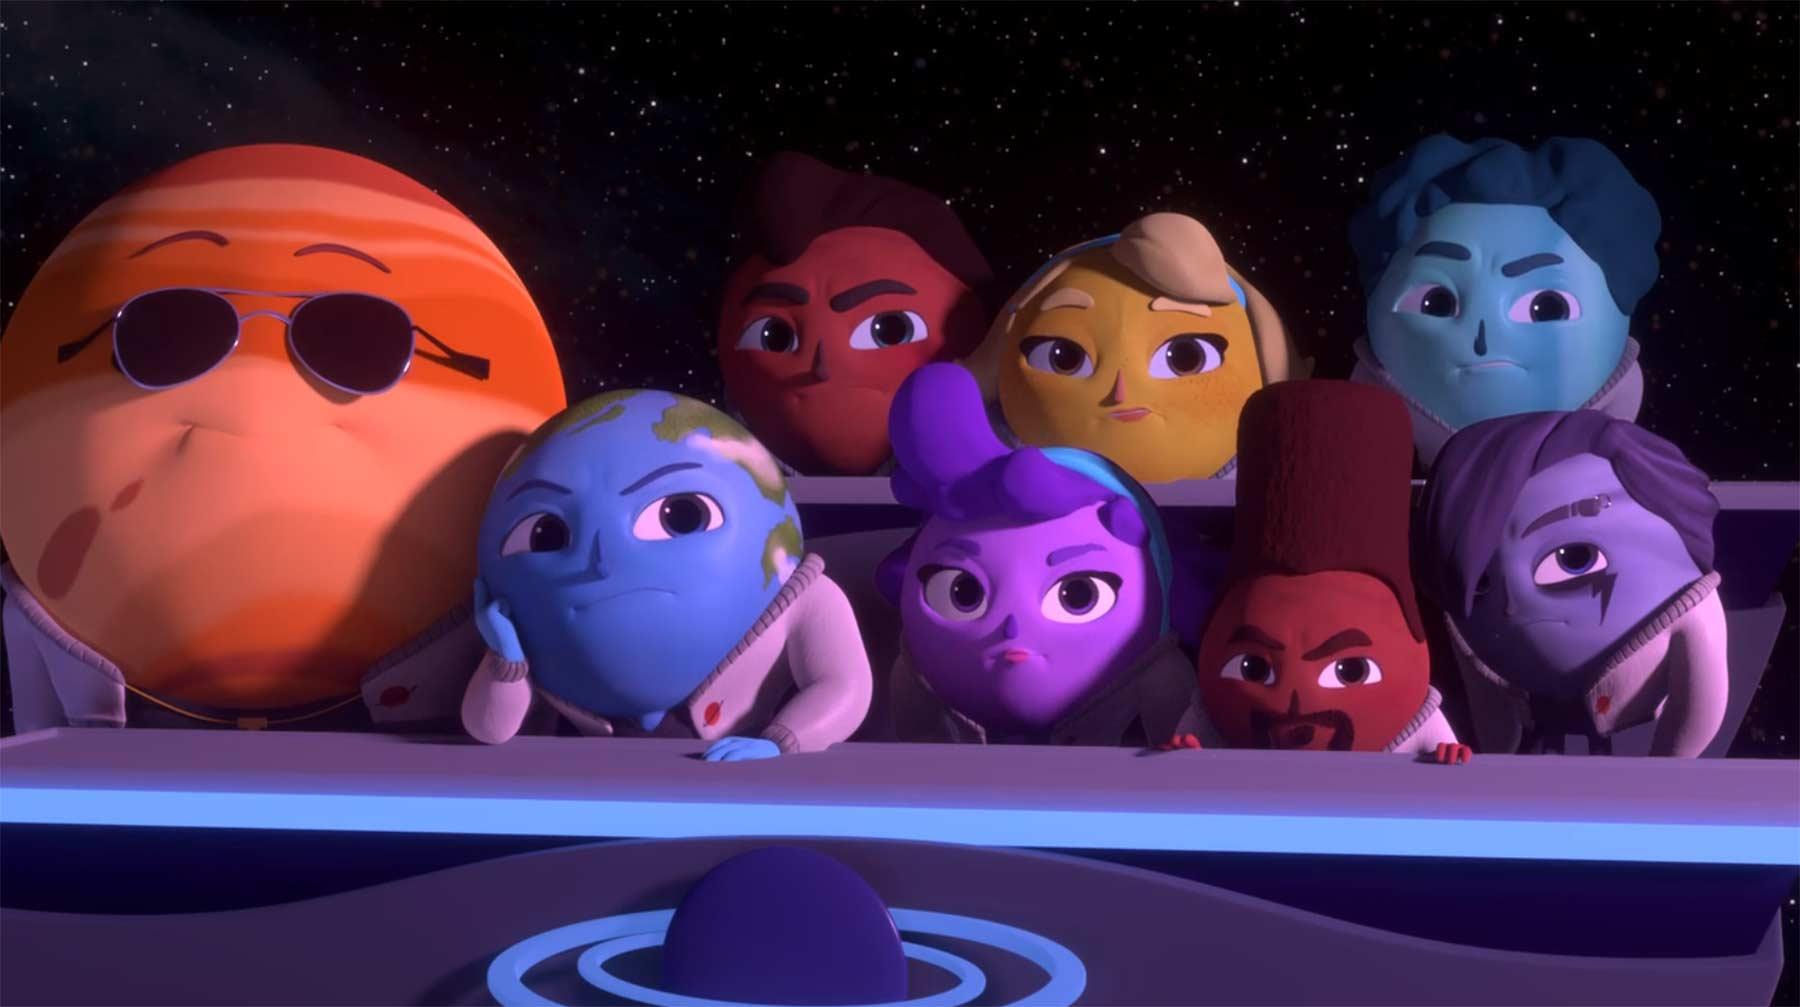 """Pluto möchte bei der Tanztruppe """"The Planets"""" einsteigen"""